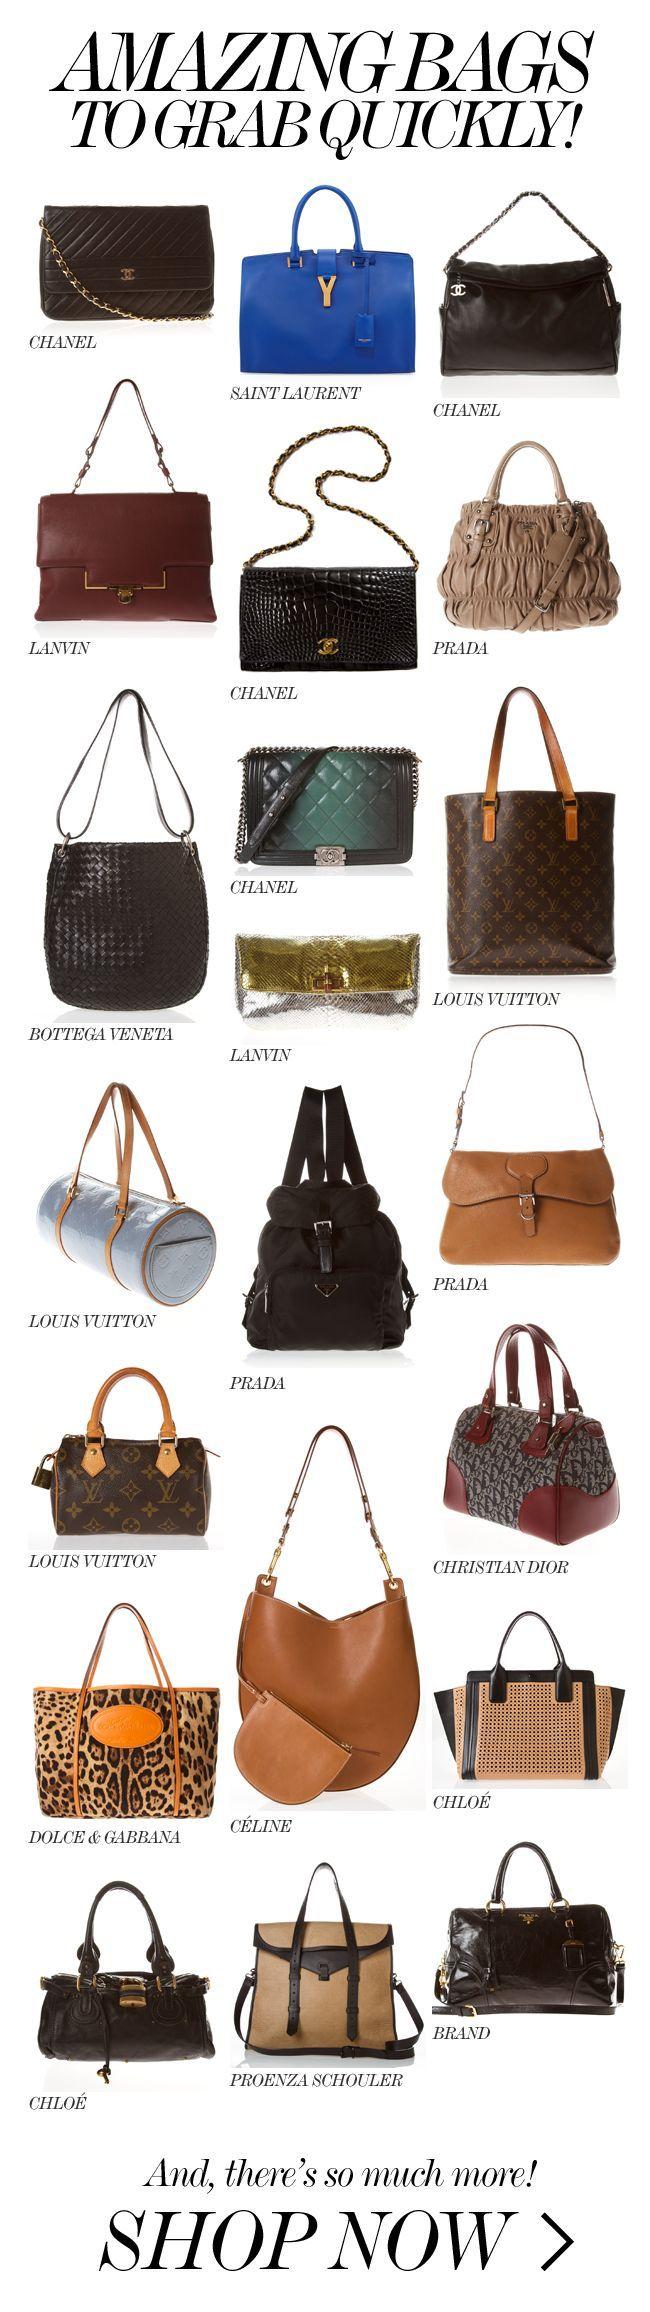 AMAZING DESIGNER BAGS // Chanel, Saint Laurent, Céline, Louis Vuitton more.: